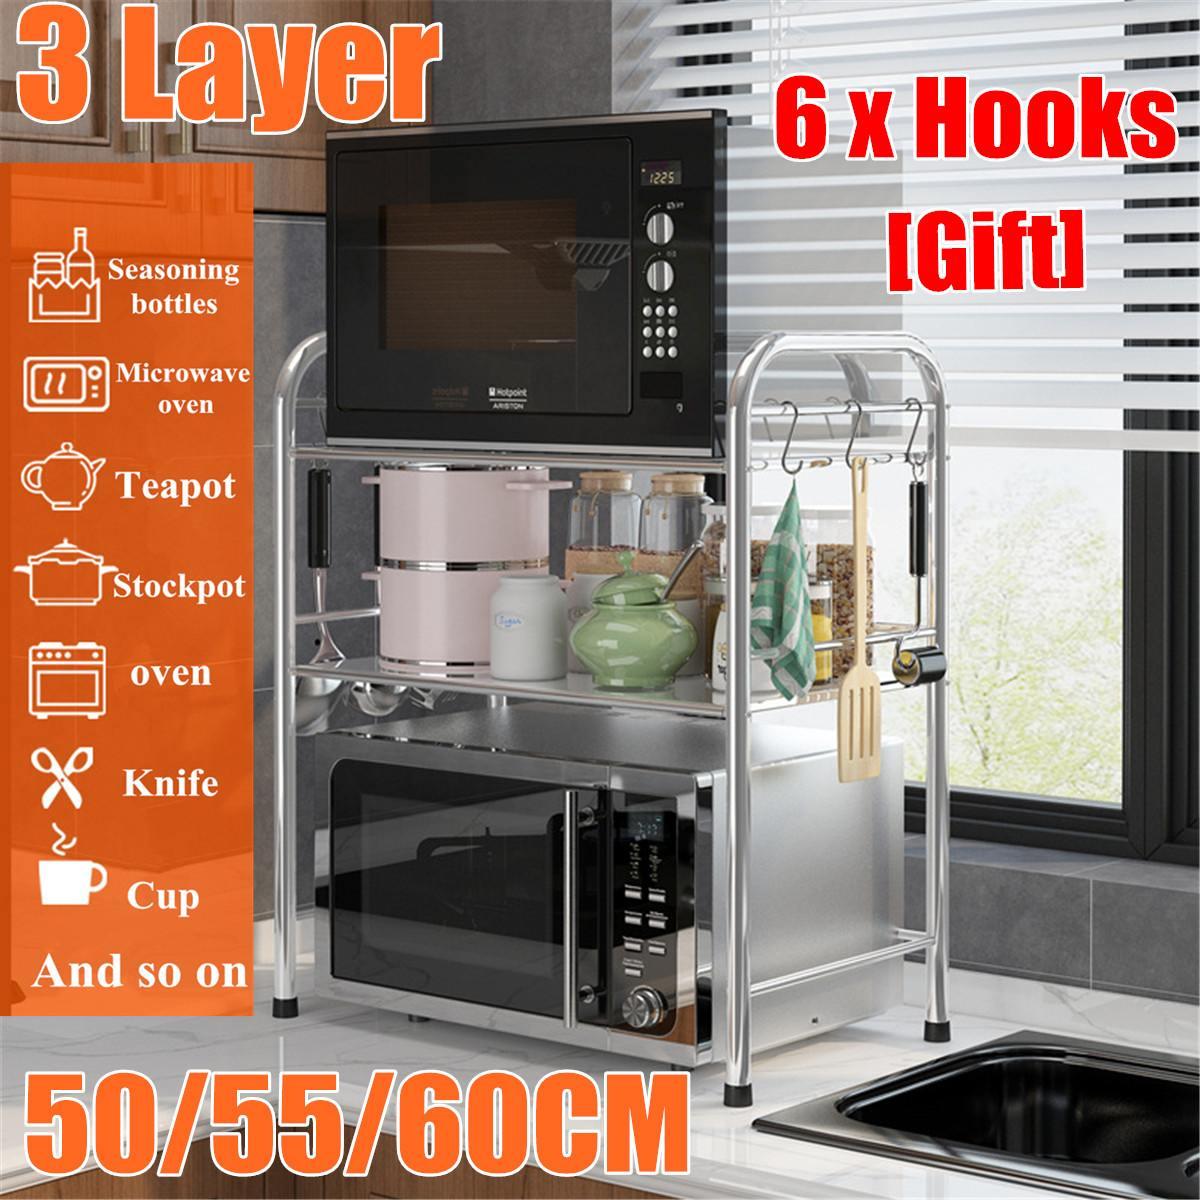 Estante de cocina de acero inoxidable grueso de 3 capas, estante para horno microondas, organizador de baño para el hogar, estante de almacenamiento para cocina de arroz con 6 ganchos Estante de baño Sokoltec hw47885wh